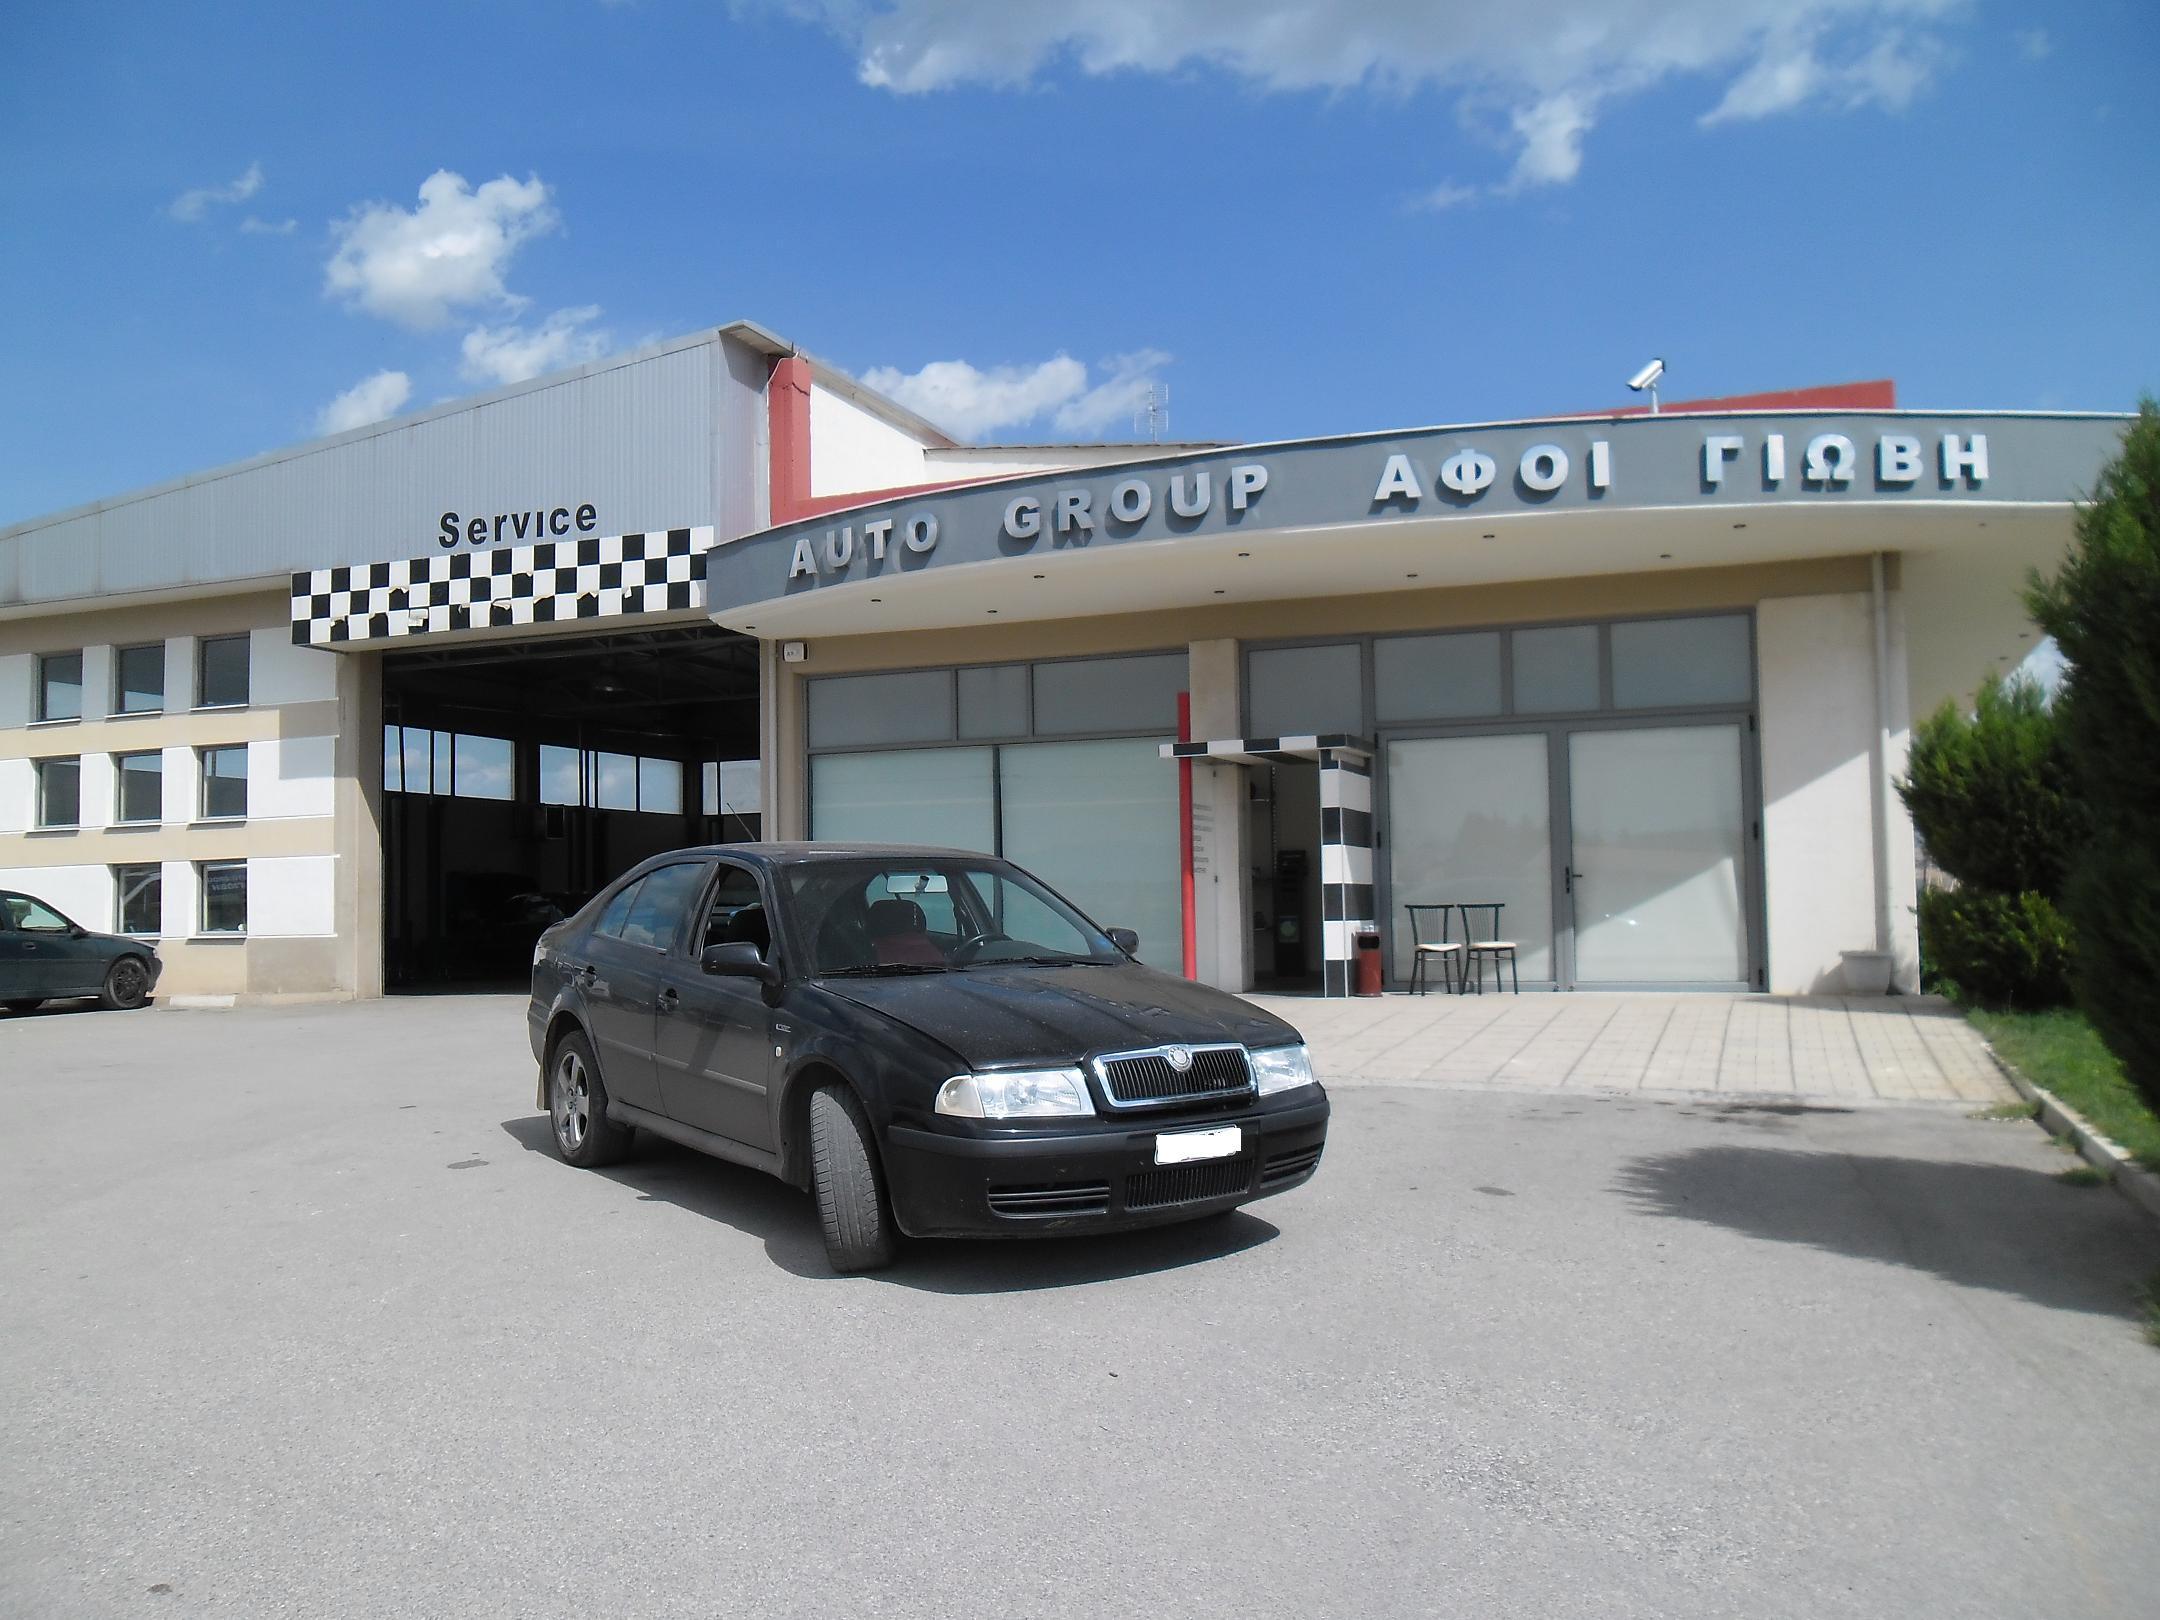 ΦΩΤΟΓΡΑΦΙΕΣ ΑΠΟ : Υγραεριοκίνηση Αυτοκινήτων 'Αφοί Γιώβη' - Skoda Oktavia